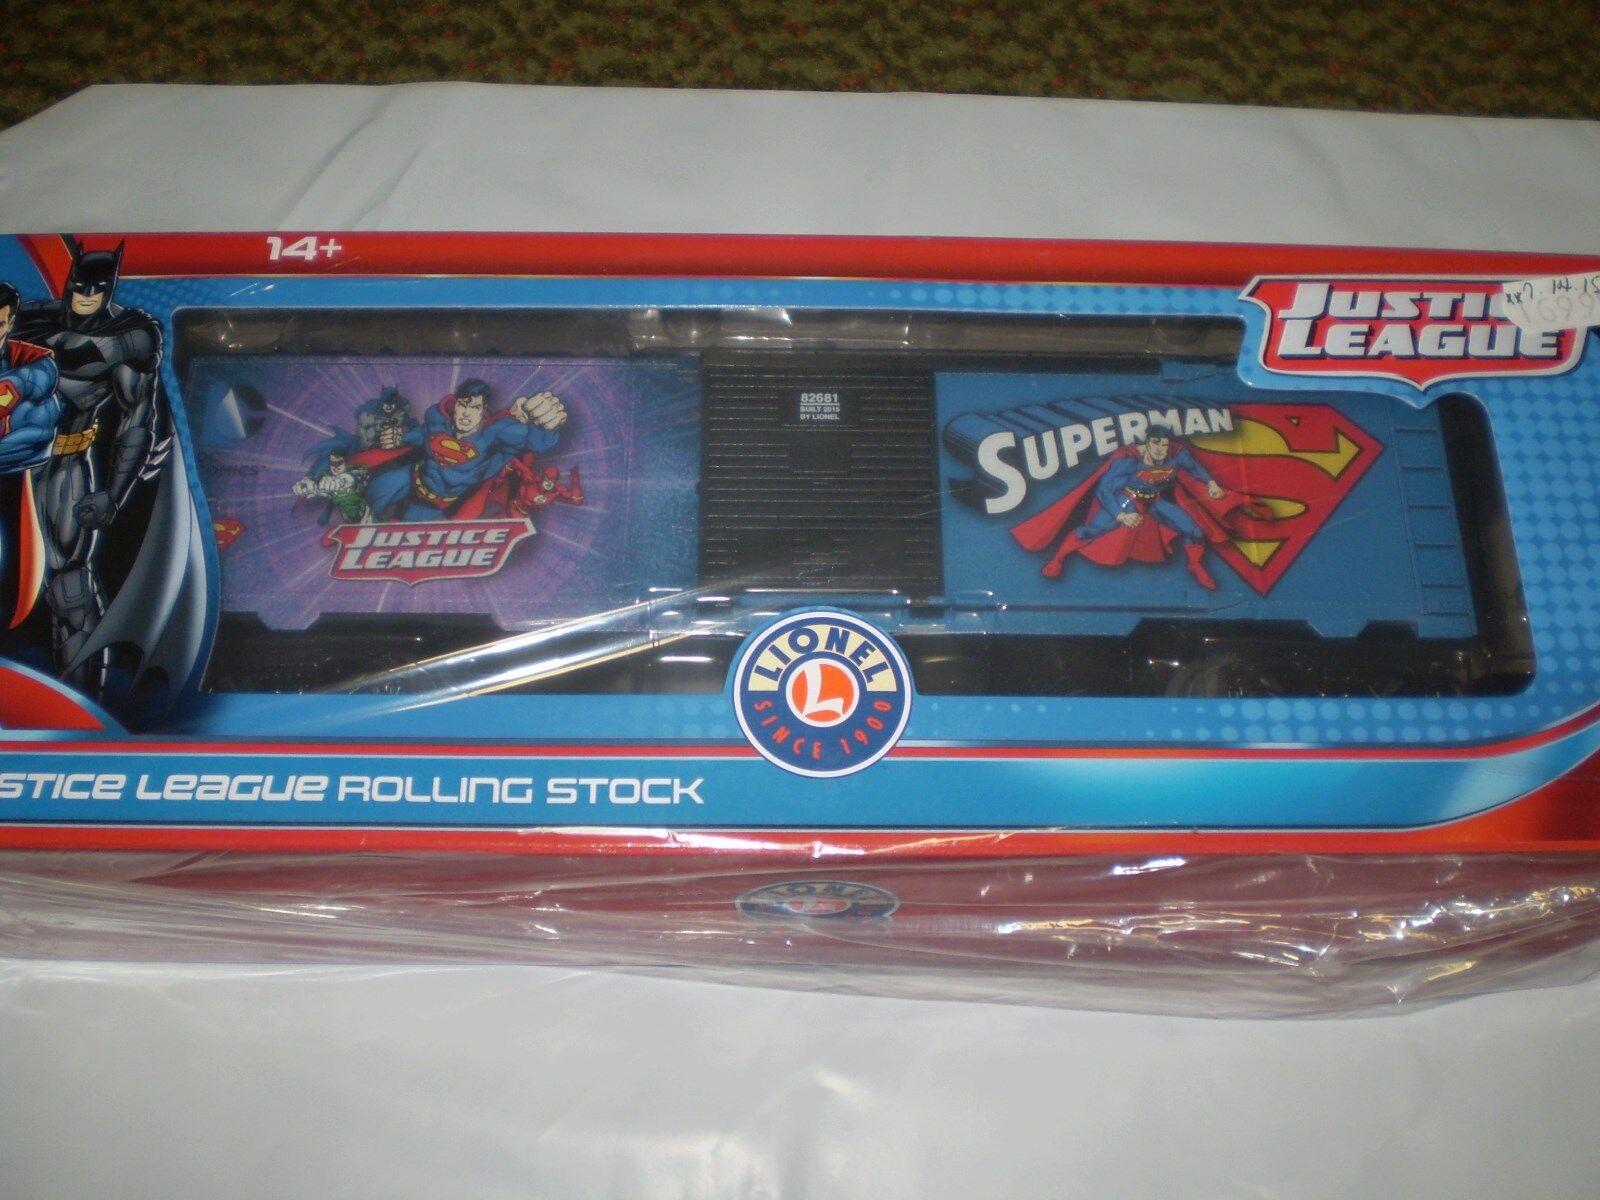 Lionel 6-82681 Justice League súperman Furgón material rodante Nueva Nueva En Caja